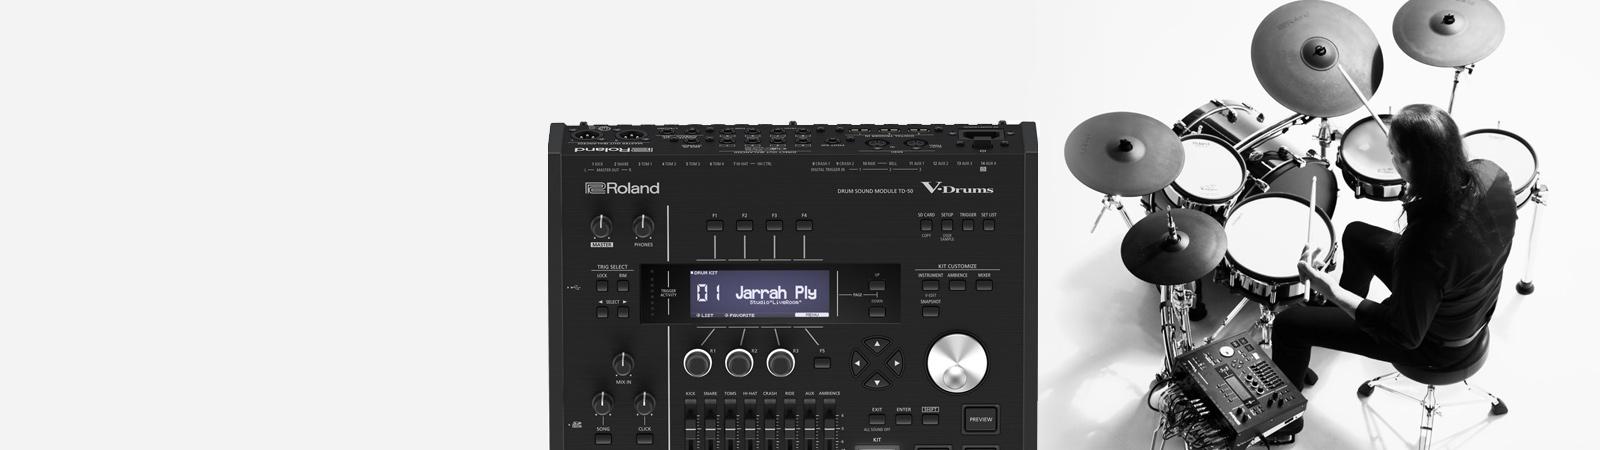 Electronic drum setup tune kit